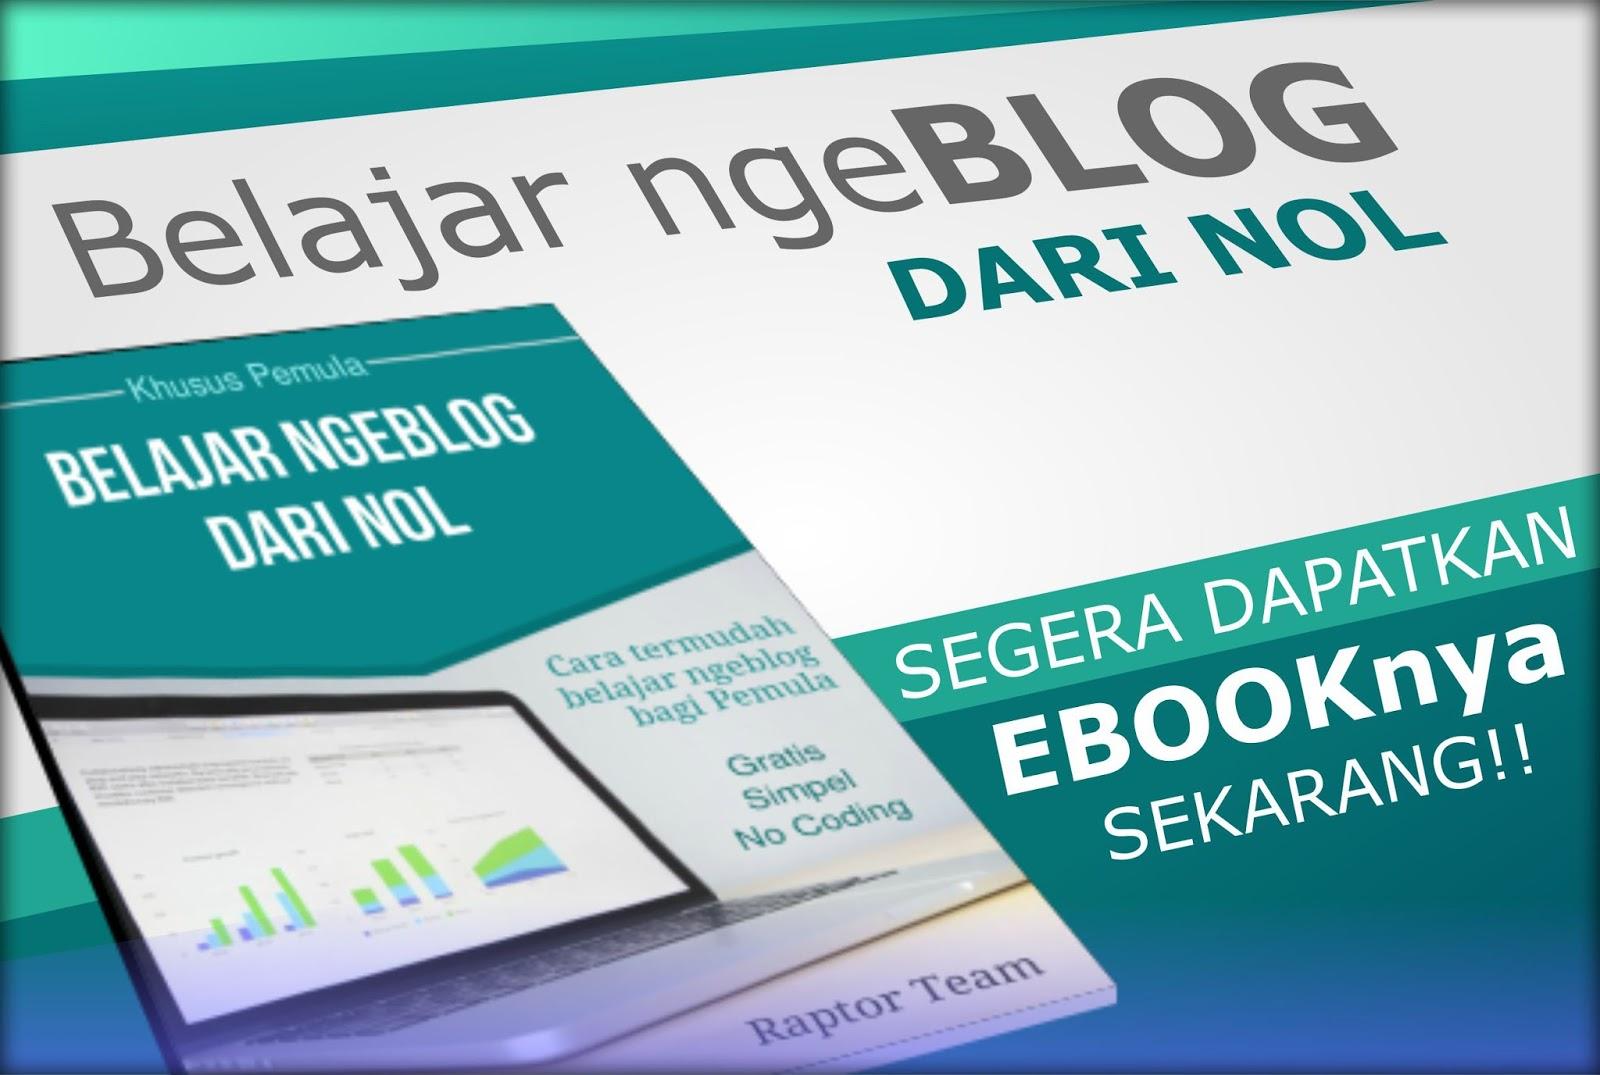 Belajar Ngeblog dari NOL - eBook Panduan Lengkap Belajar Membuat Blog